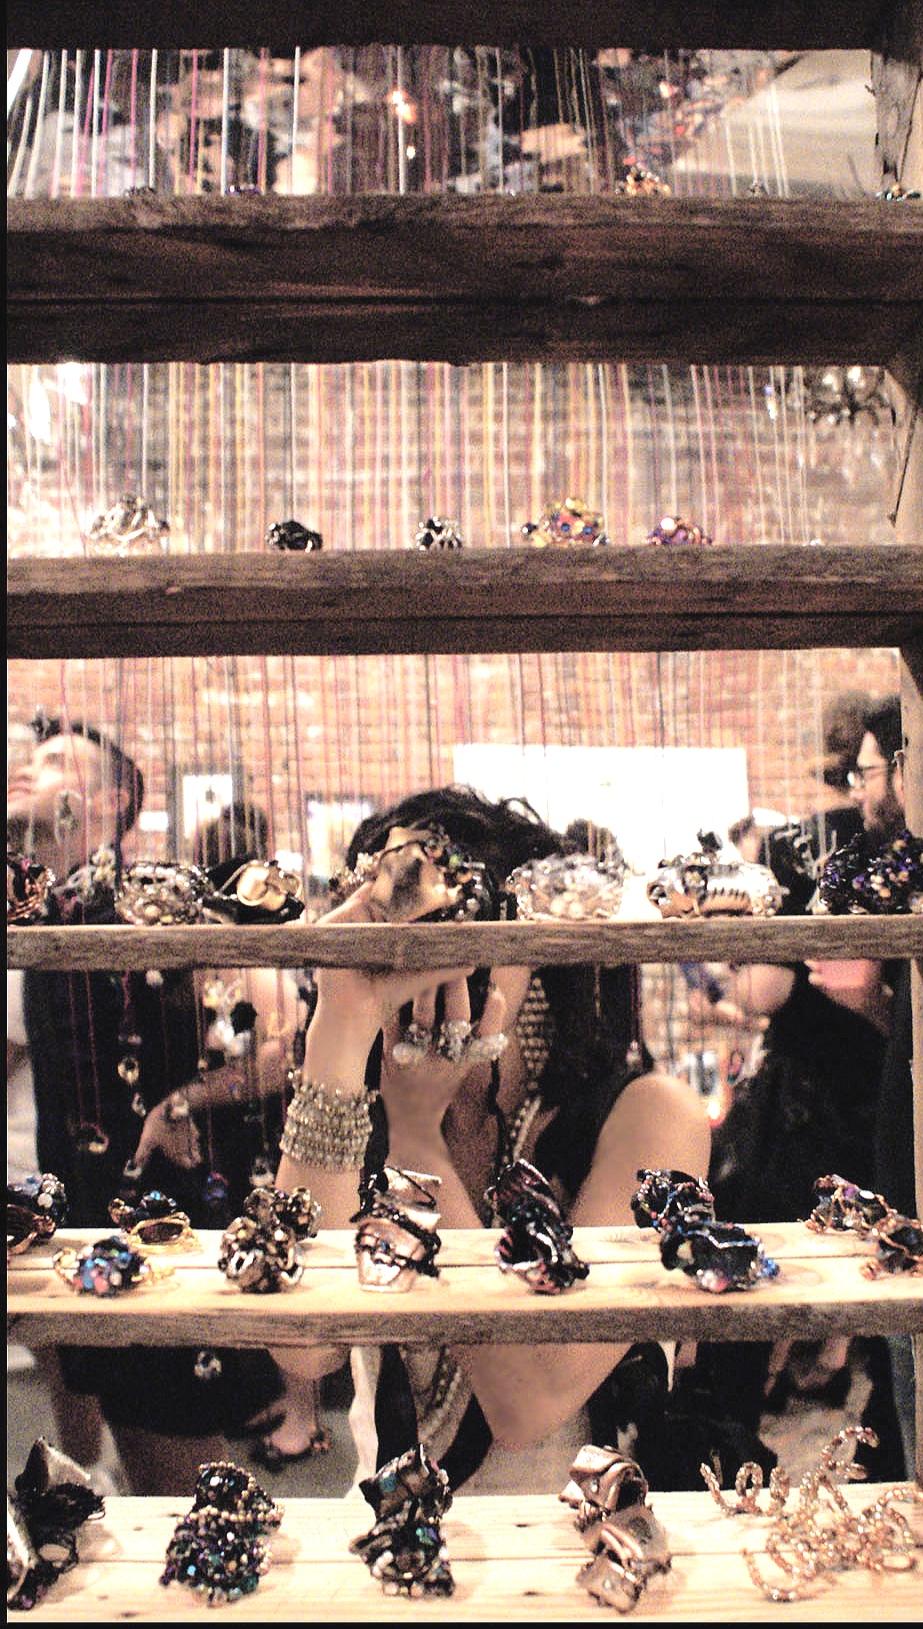 DSC04628_self pic rings shelf.jpg